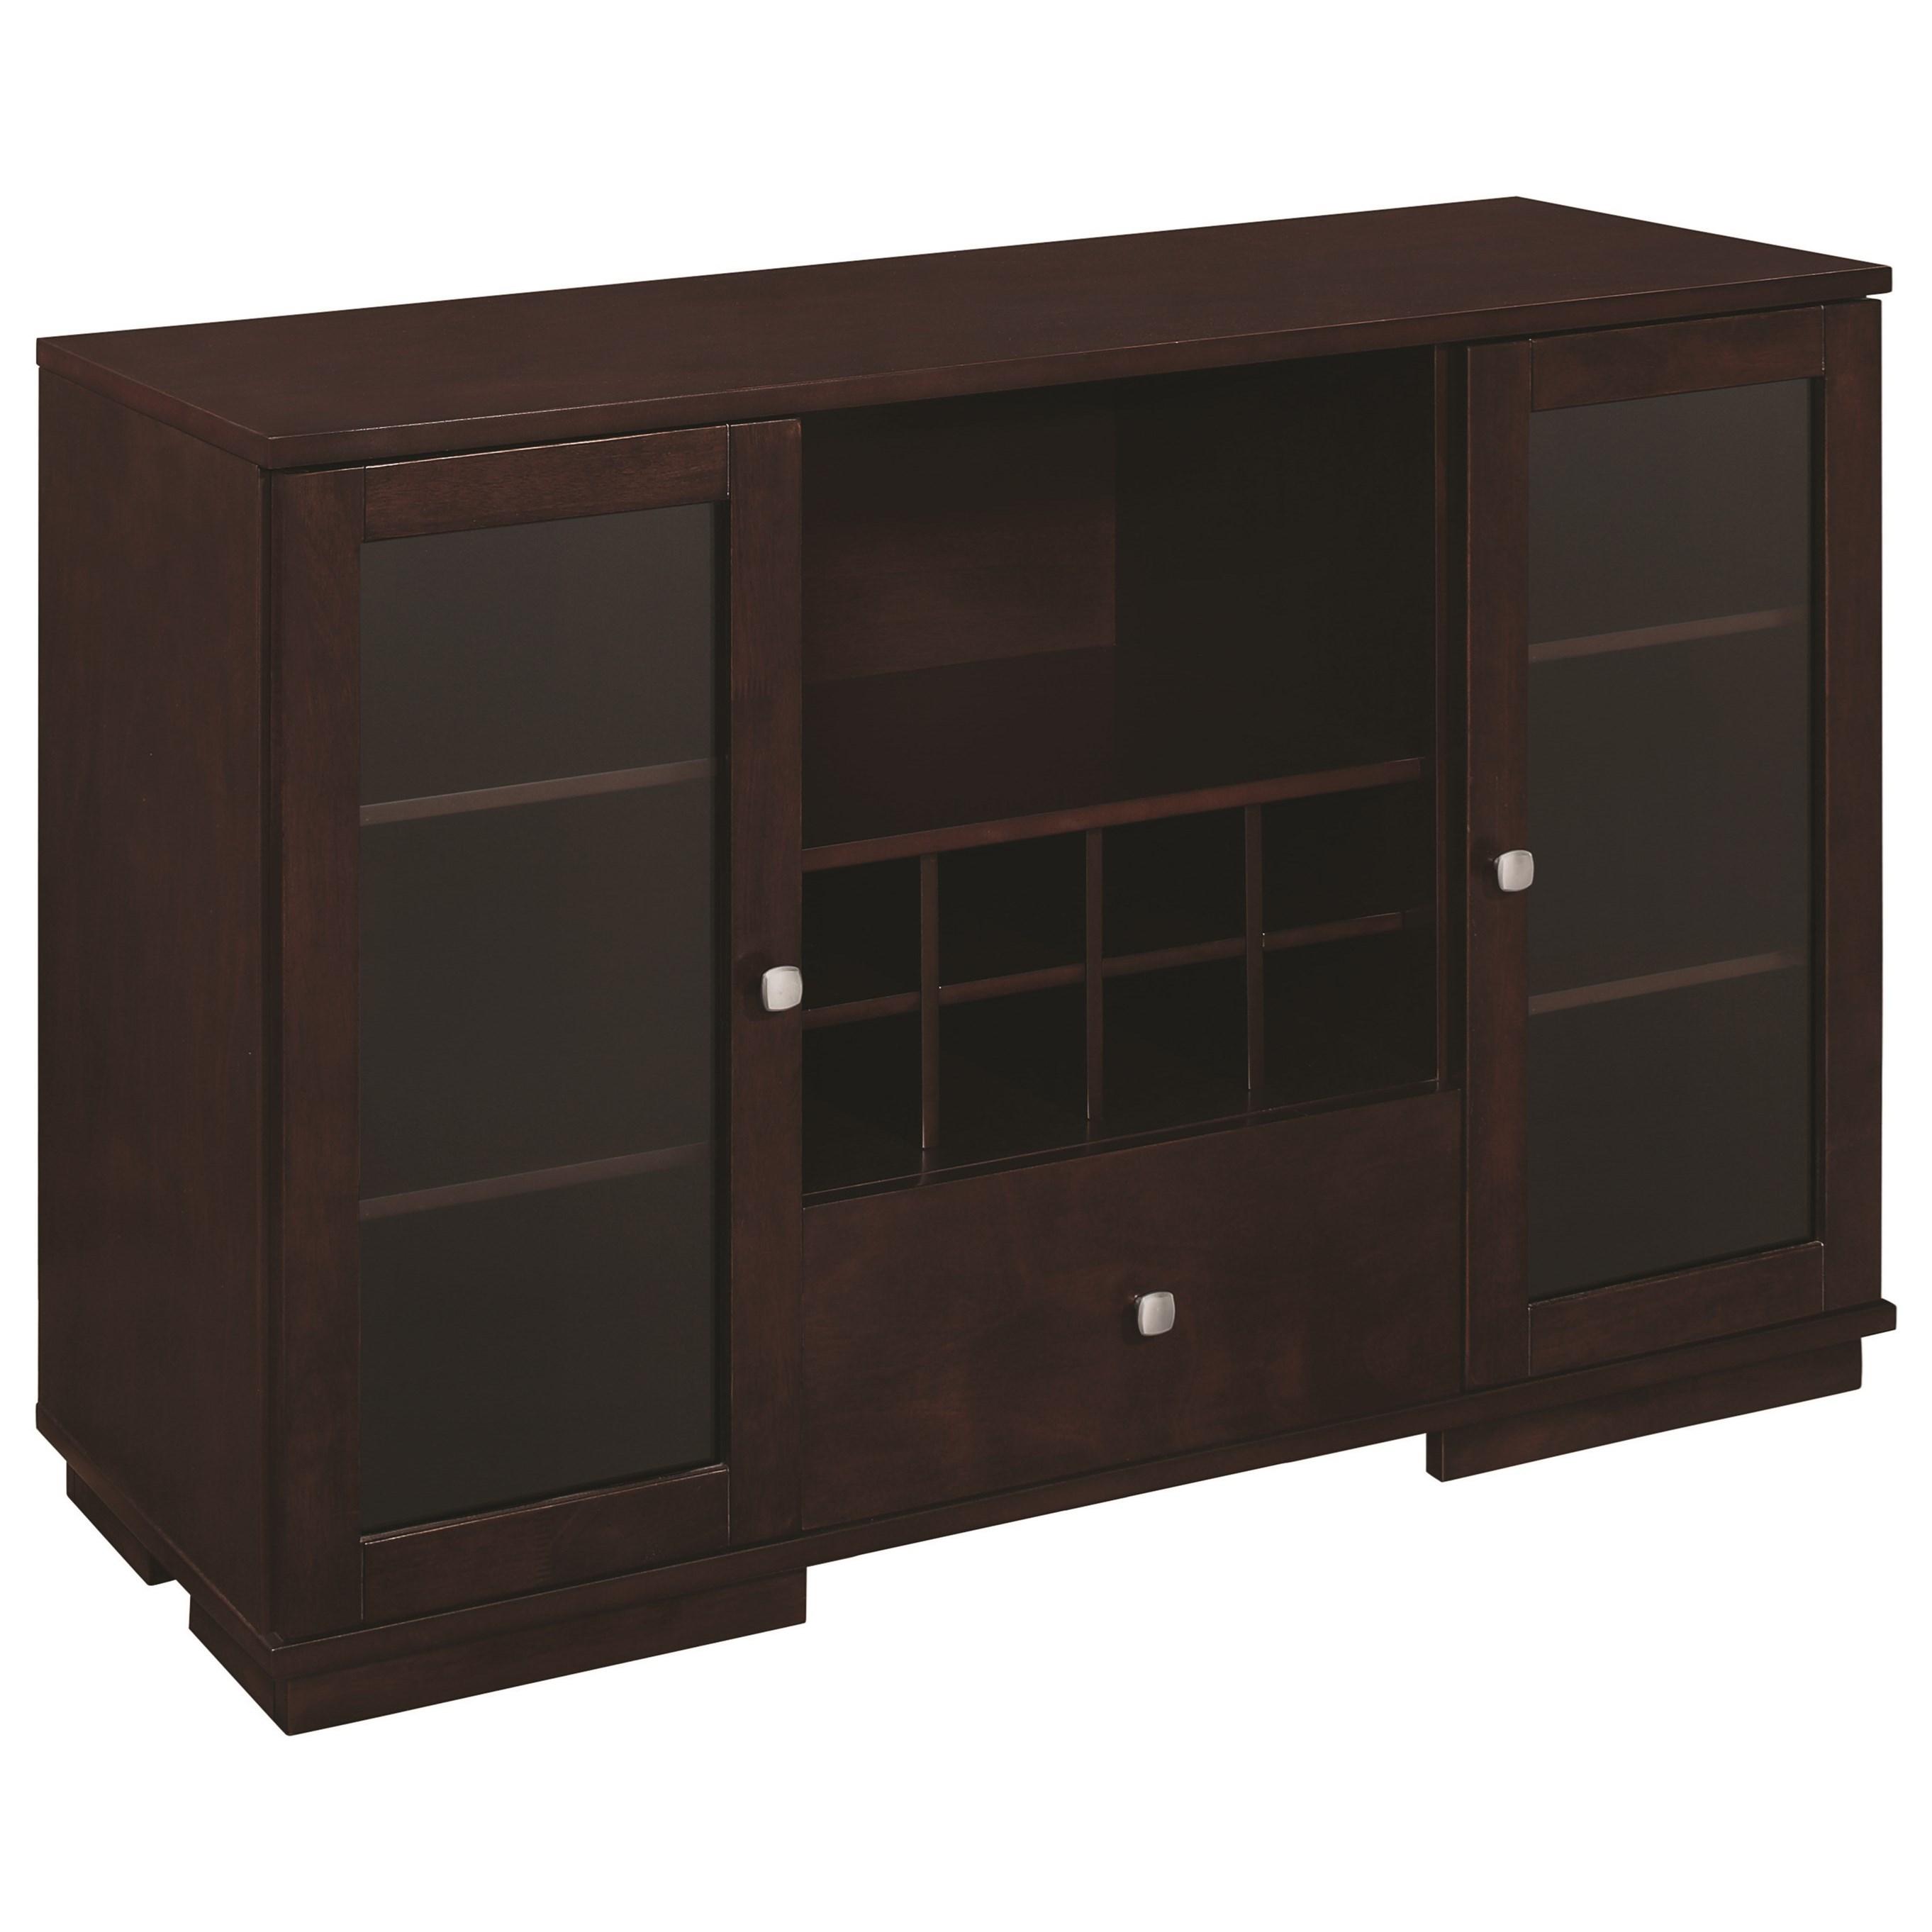 Mix & Match Server by Coaster at Lapeer Furniture & Mattress Center